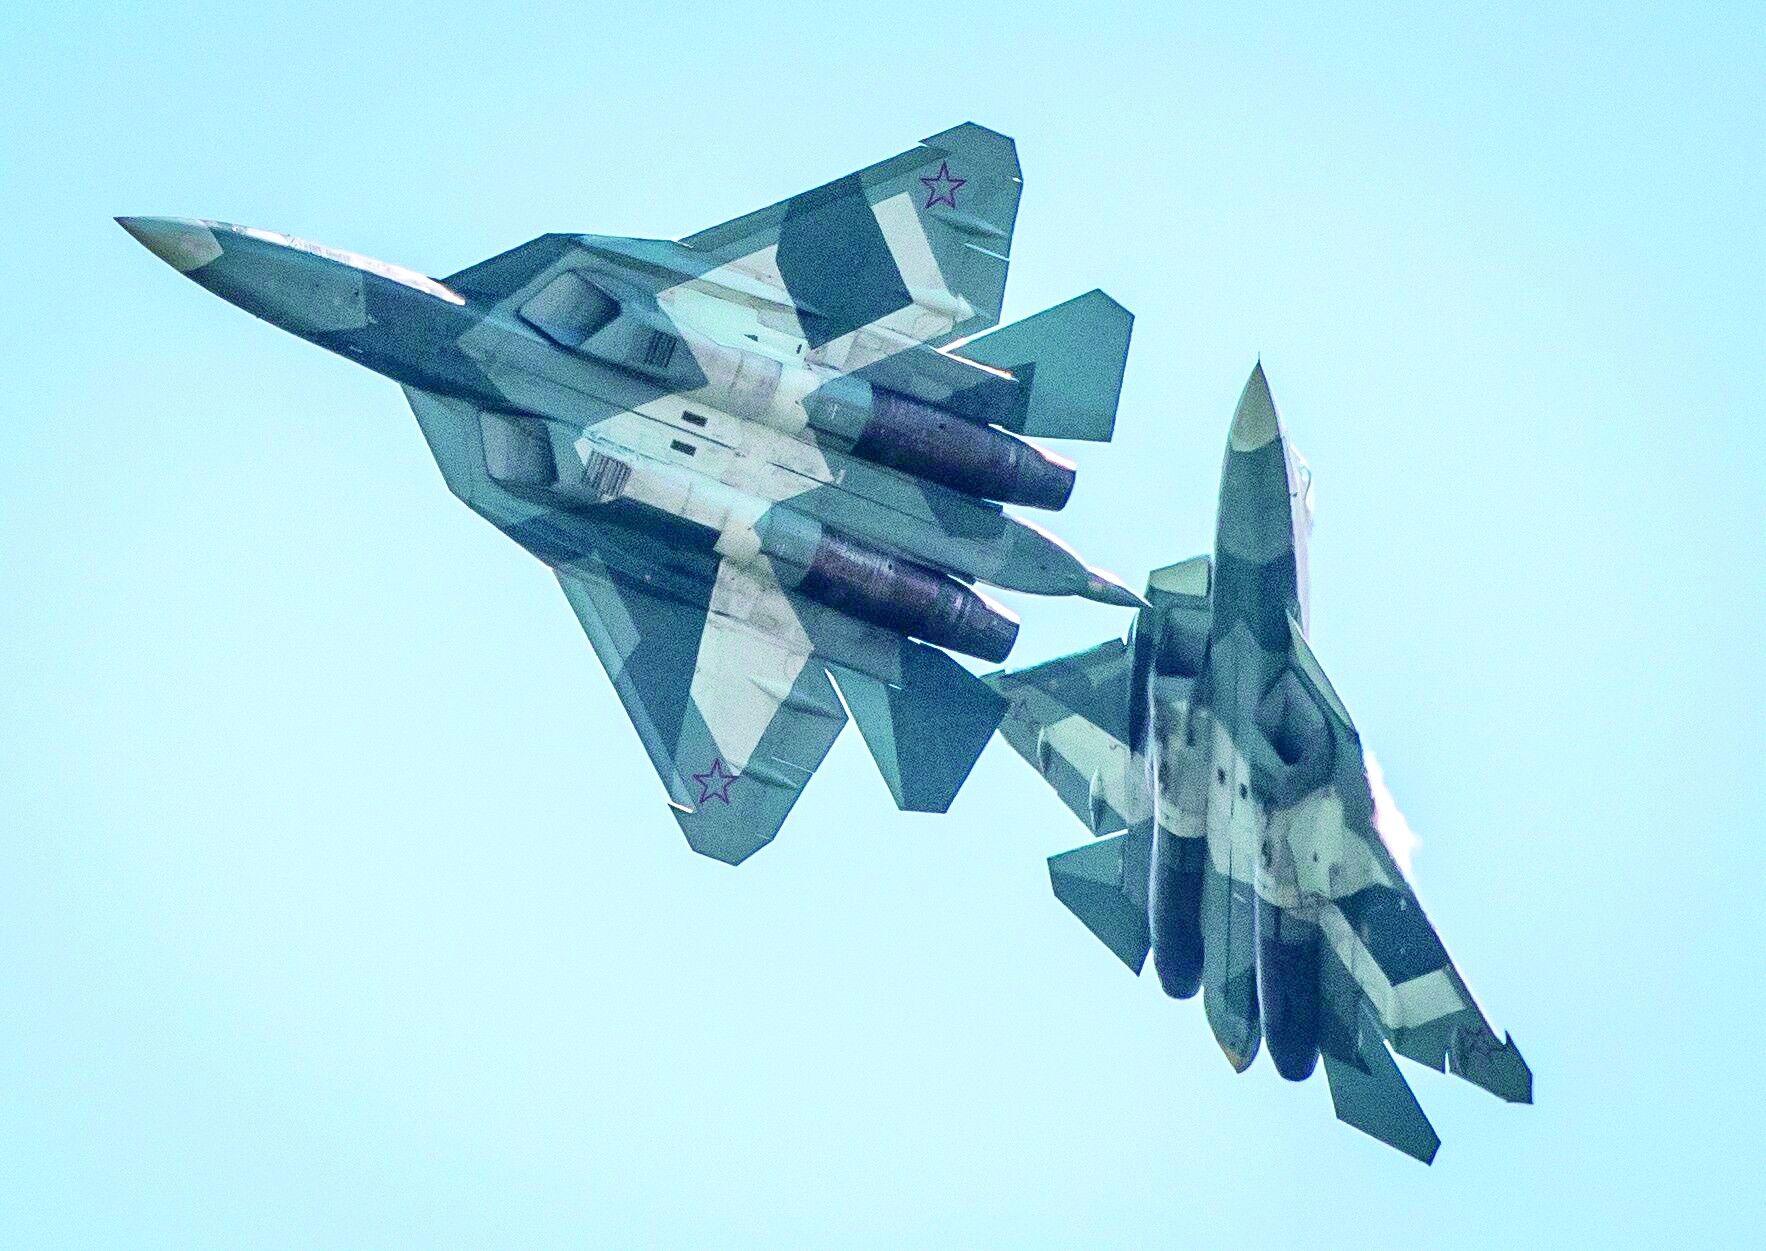 美媒称苏57与F22各有优势:苏57机动性或占优